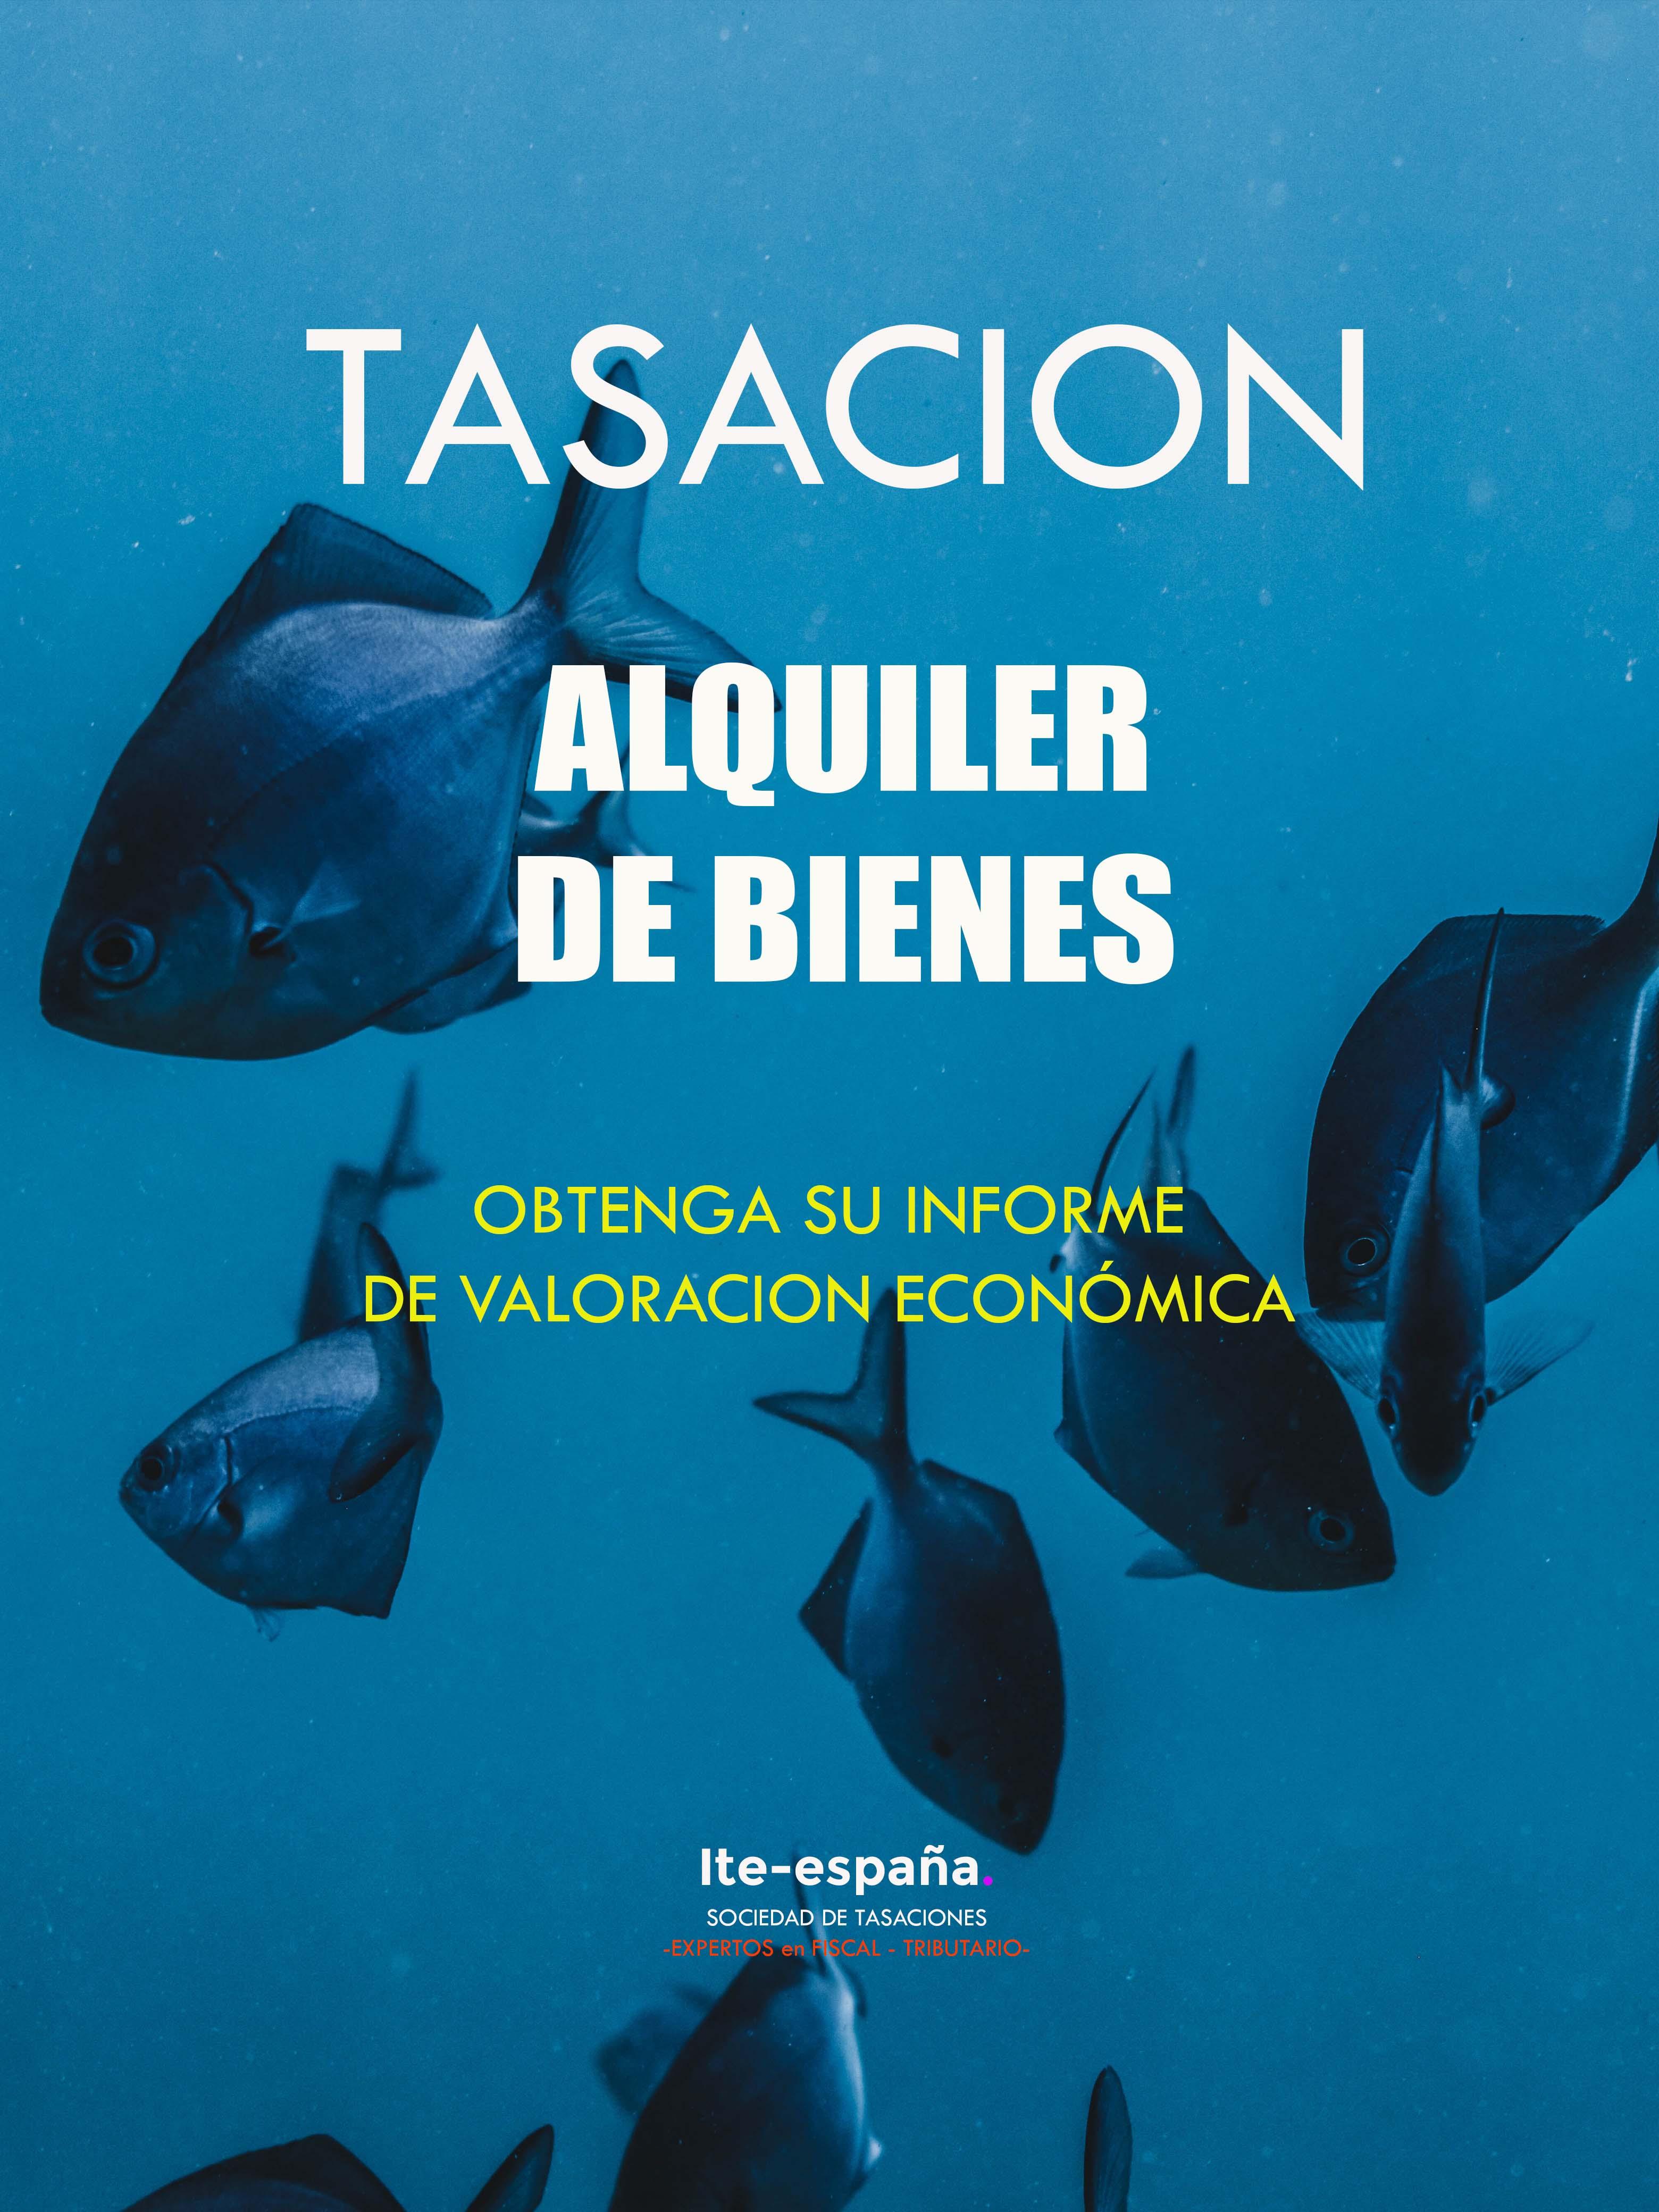 TASACION ALQUILER RENTAS